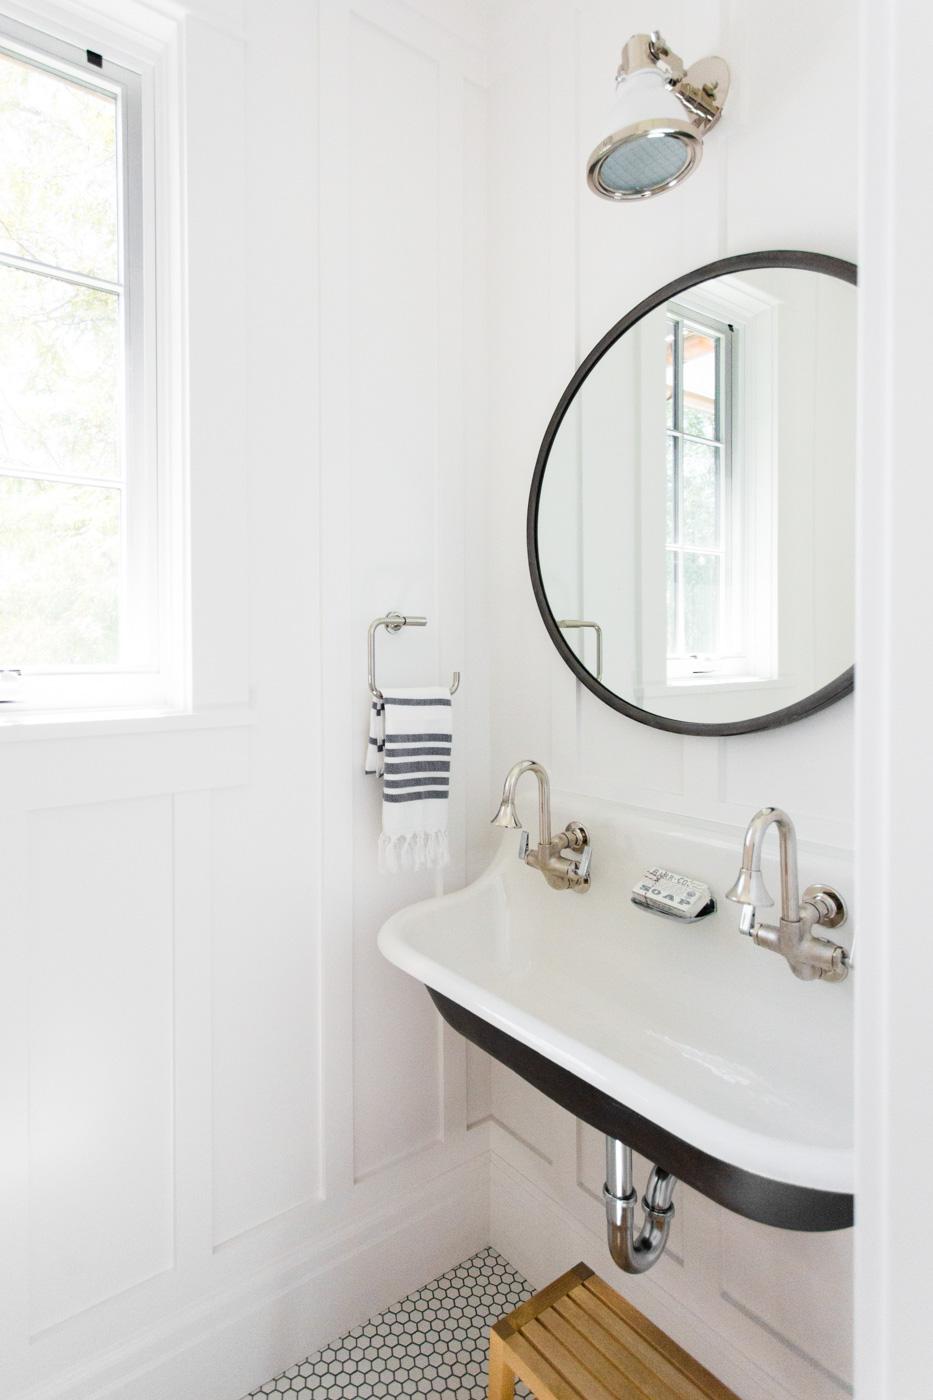 Large sink below circular mirror in bathroom